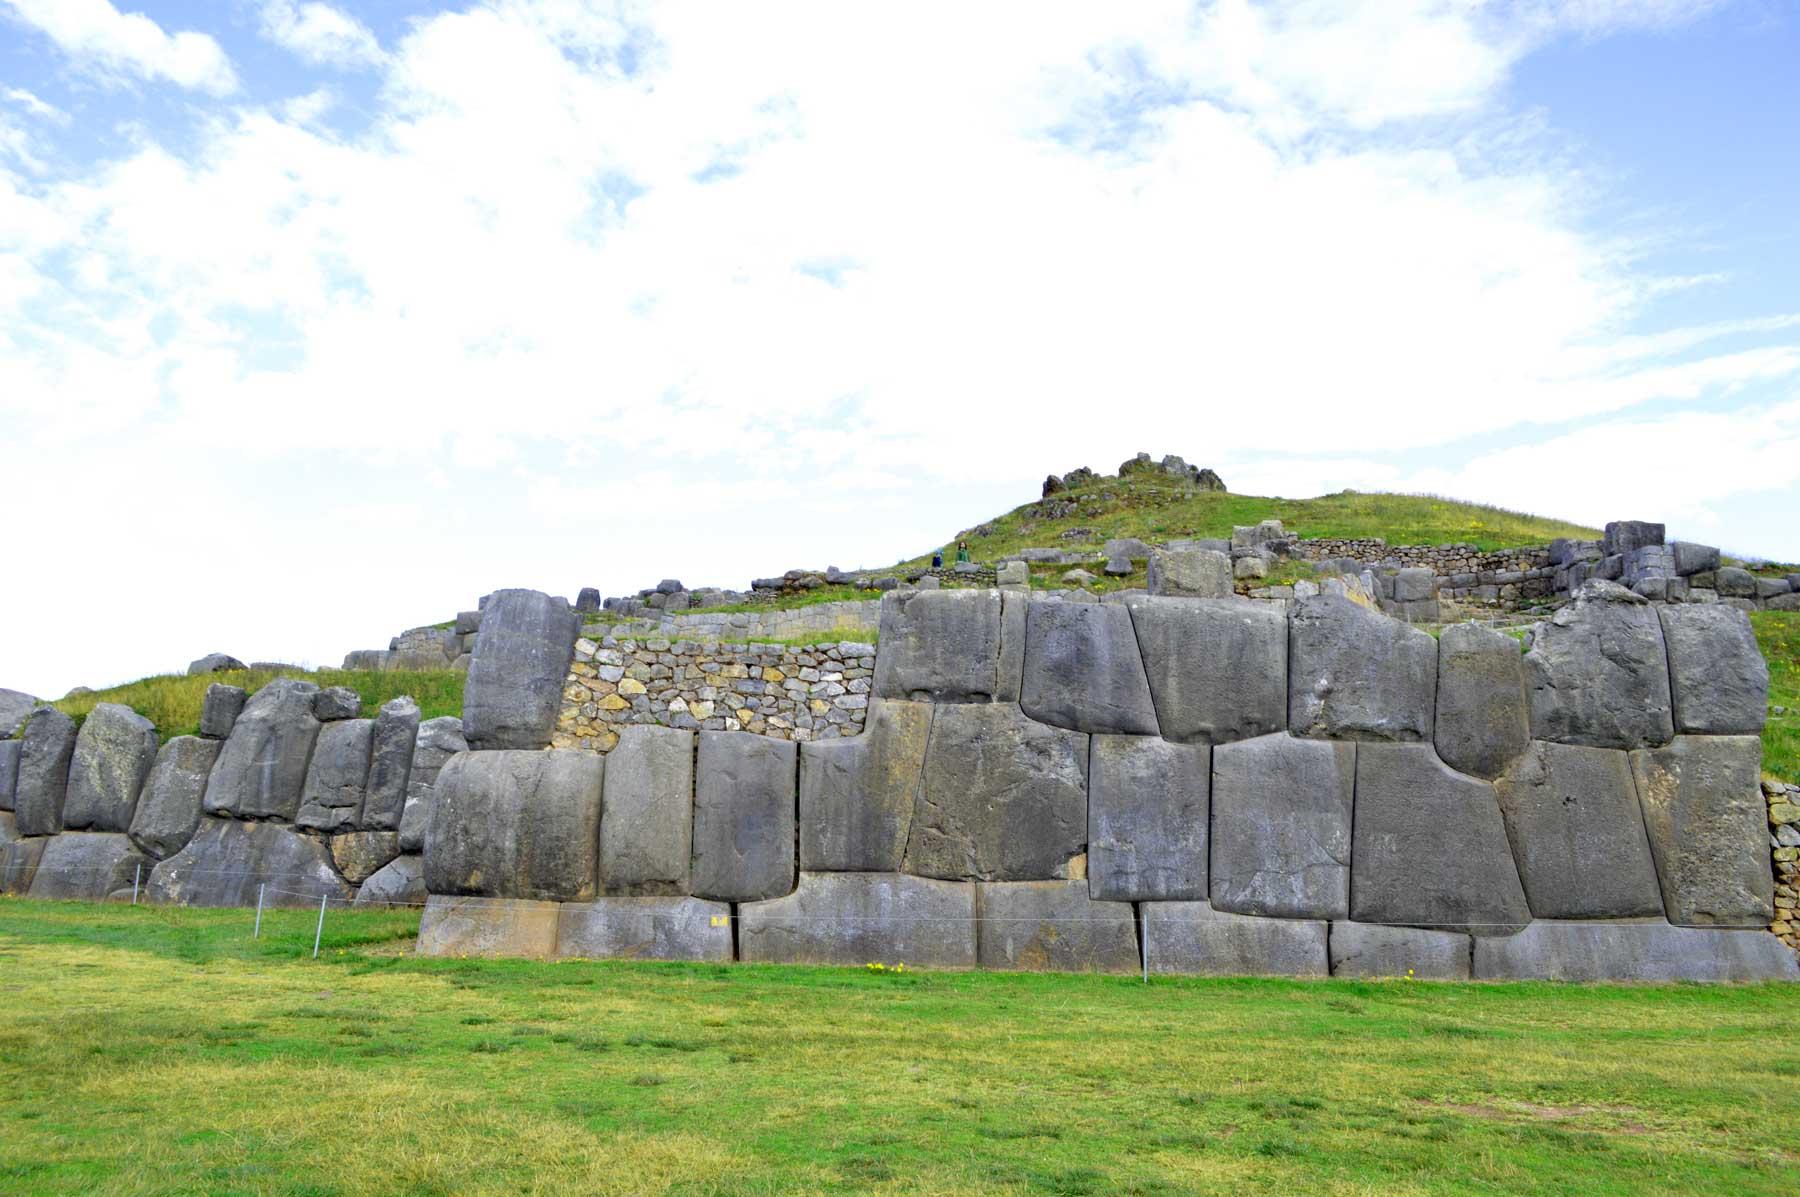 Construções impressionantes em Sacsayhuaman